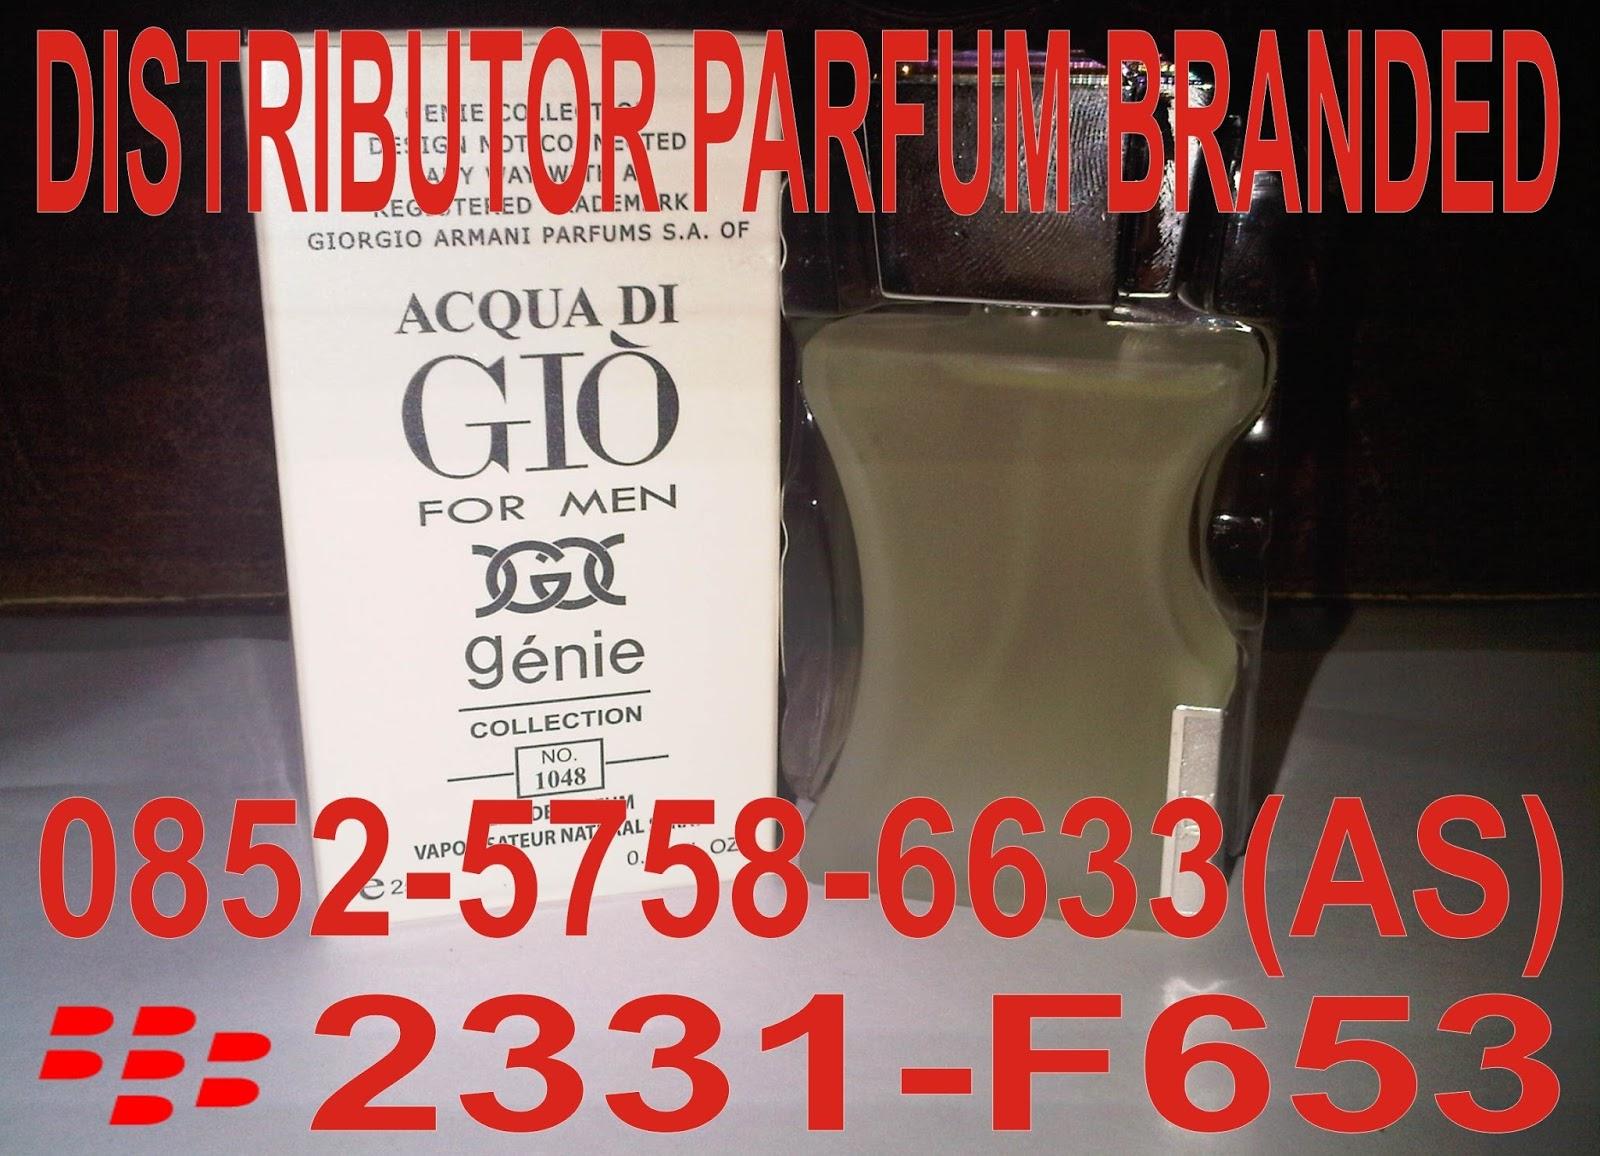 0878 5114 3559 Xl Jual Parfum Original Wanita Pria Number  Meriah Asli Murah Bakul